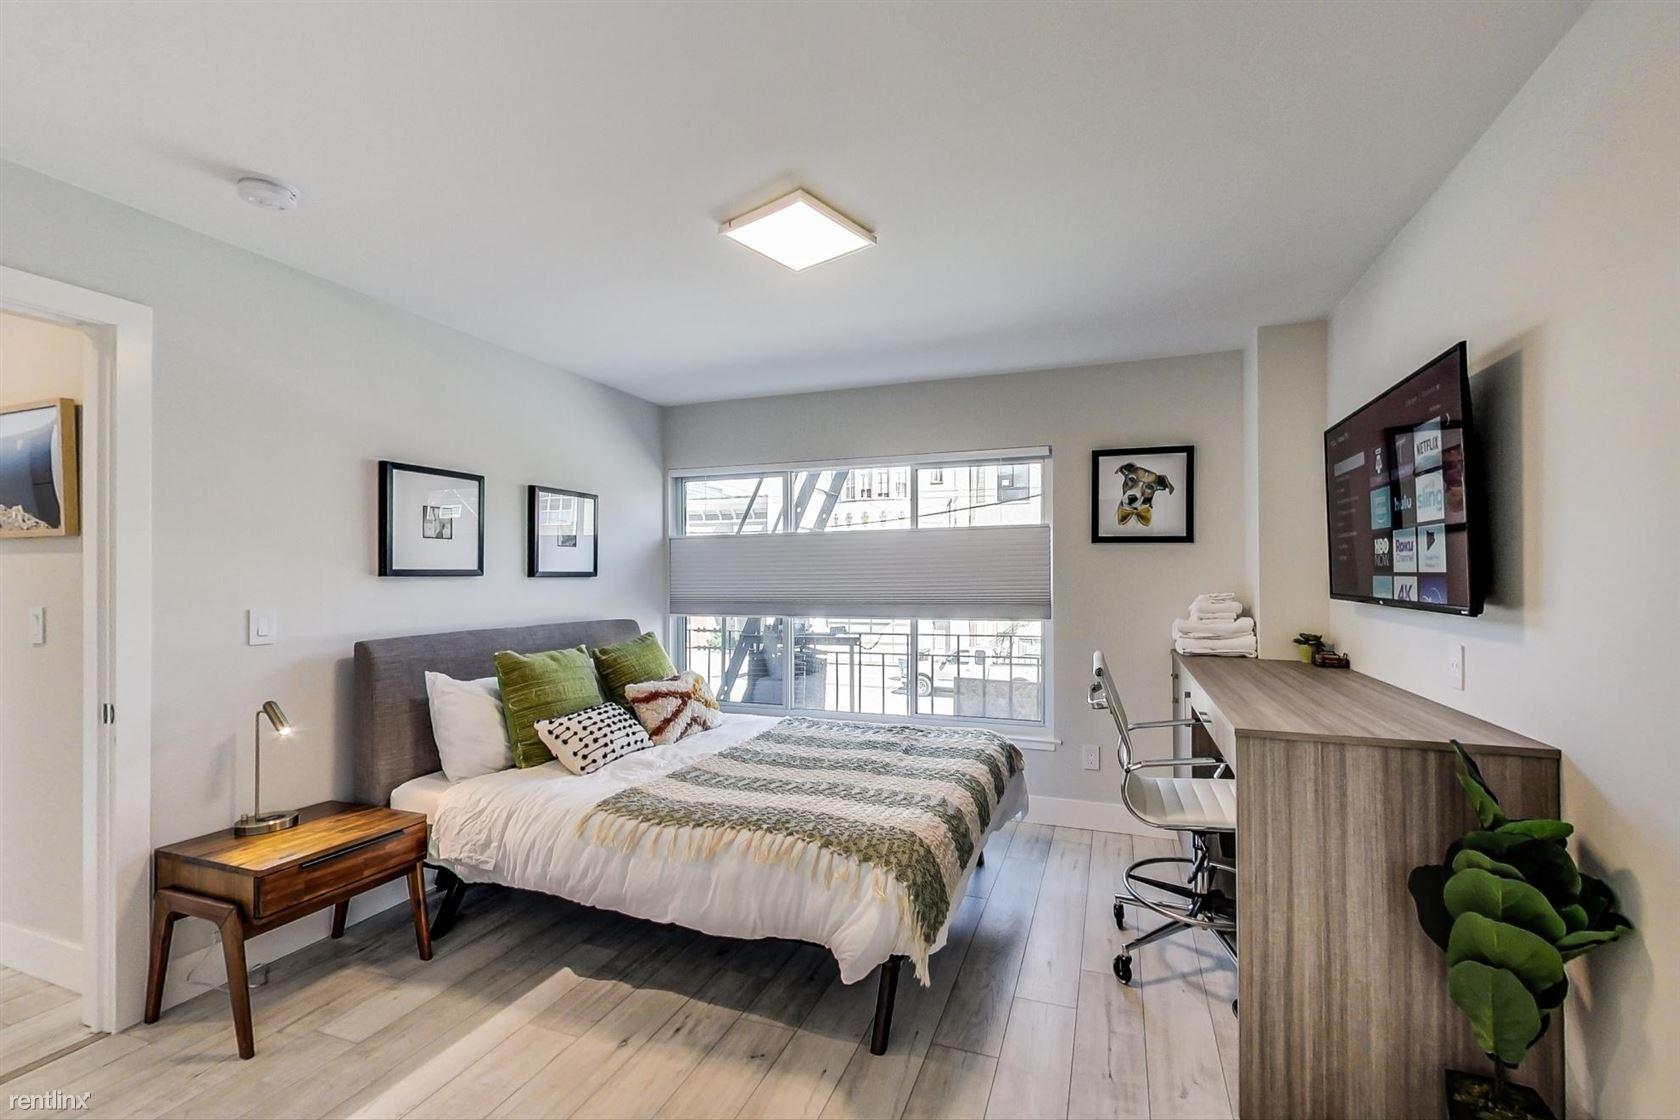 1454 S Van Ness Ave Unit 7, San Francisco, CA - $8,650